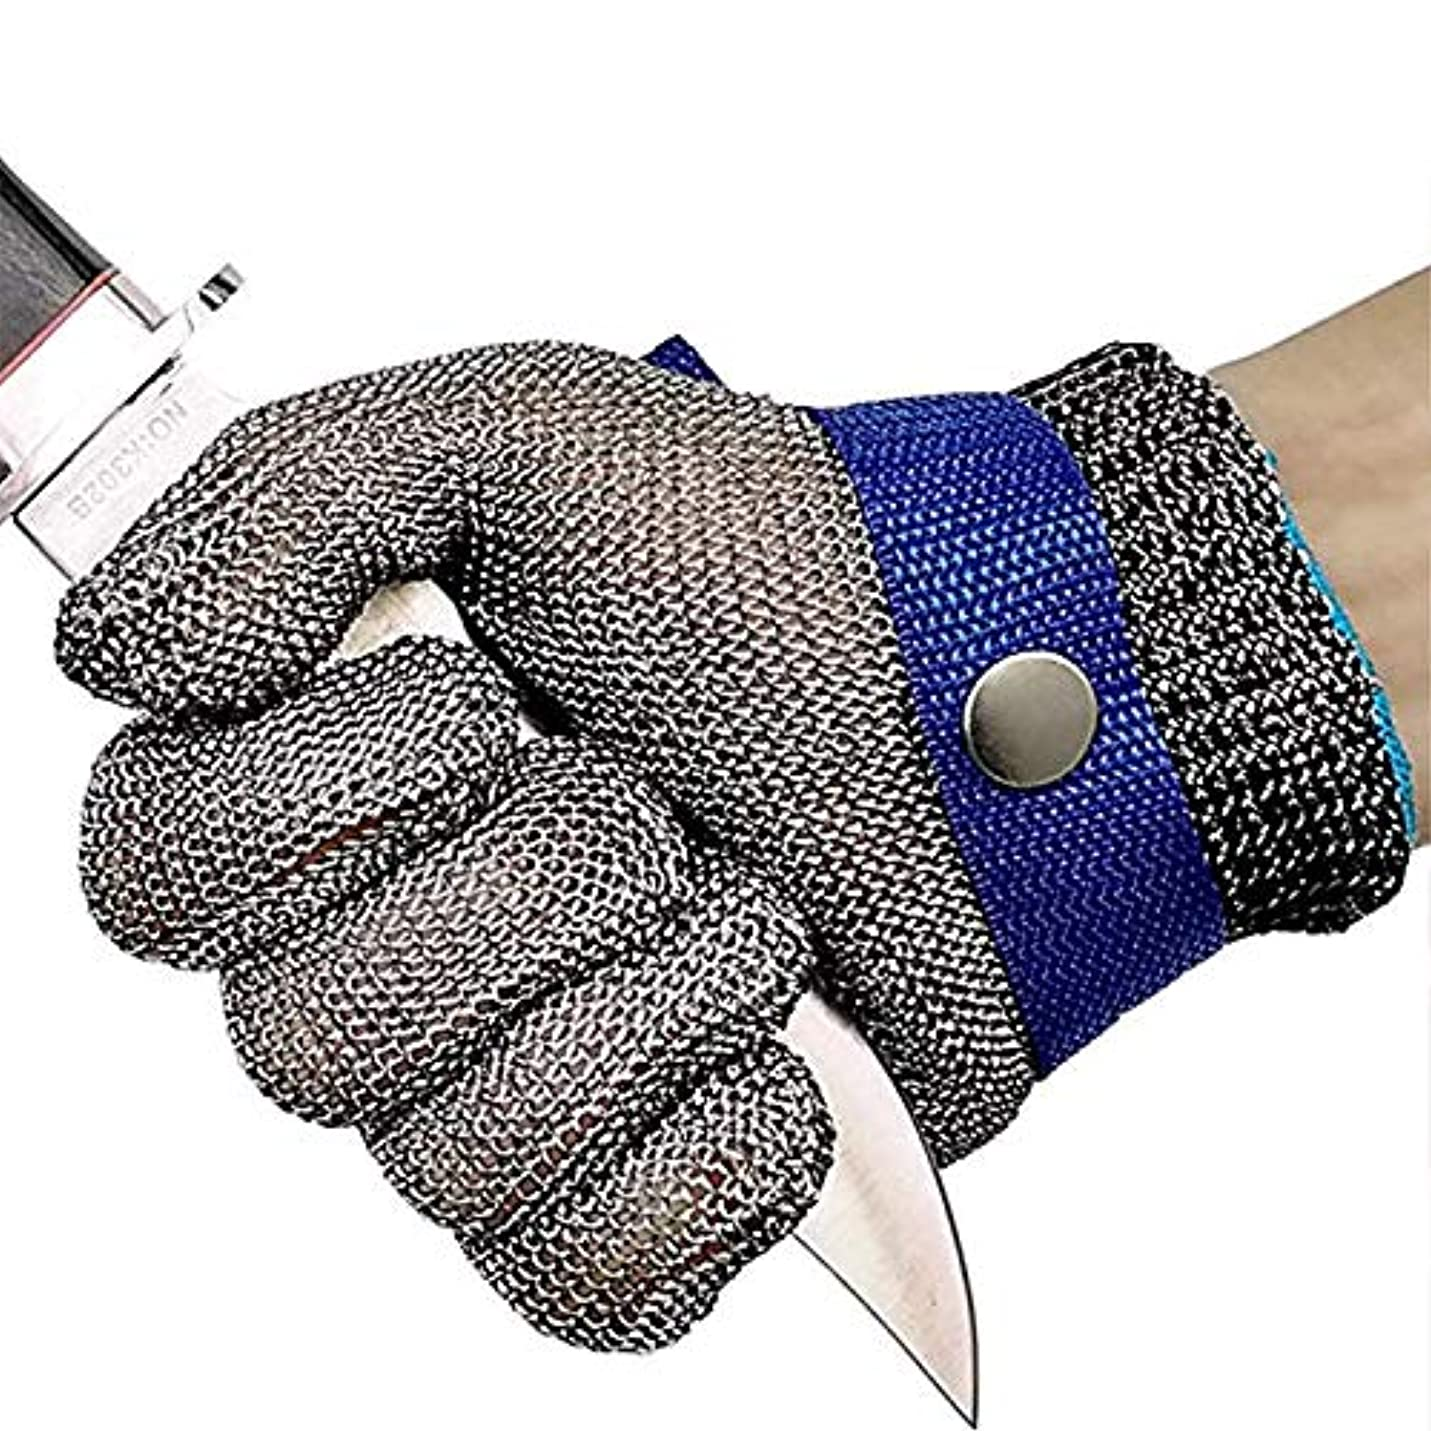 放棄されたうつオーチャード切削用耐切断性手袋ステンレス鋼線メタルメッシュブッチャー安全作業手袋、スライスチョッピングとピーリング,L